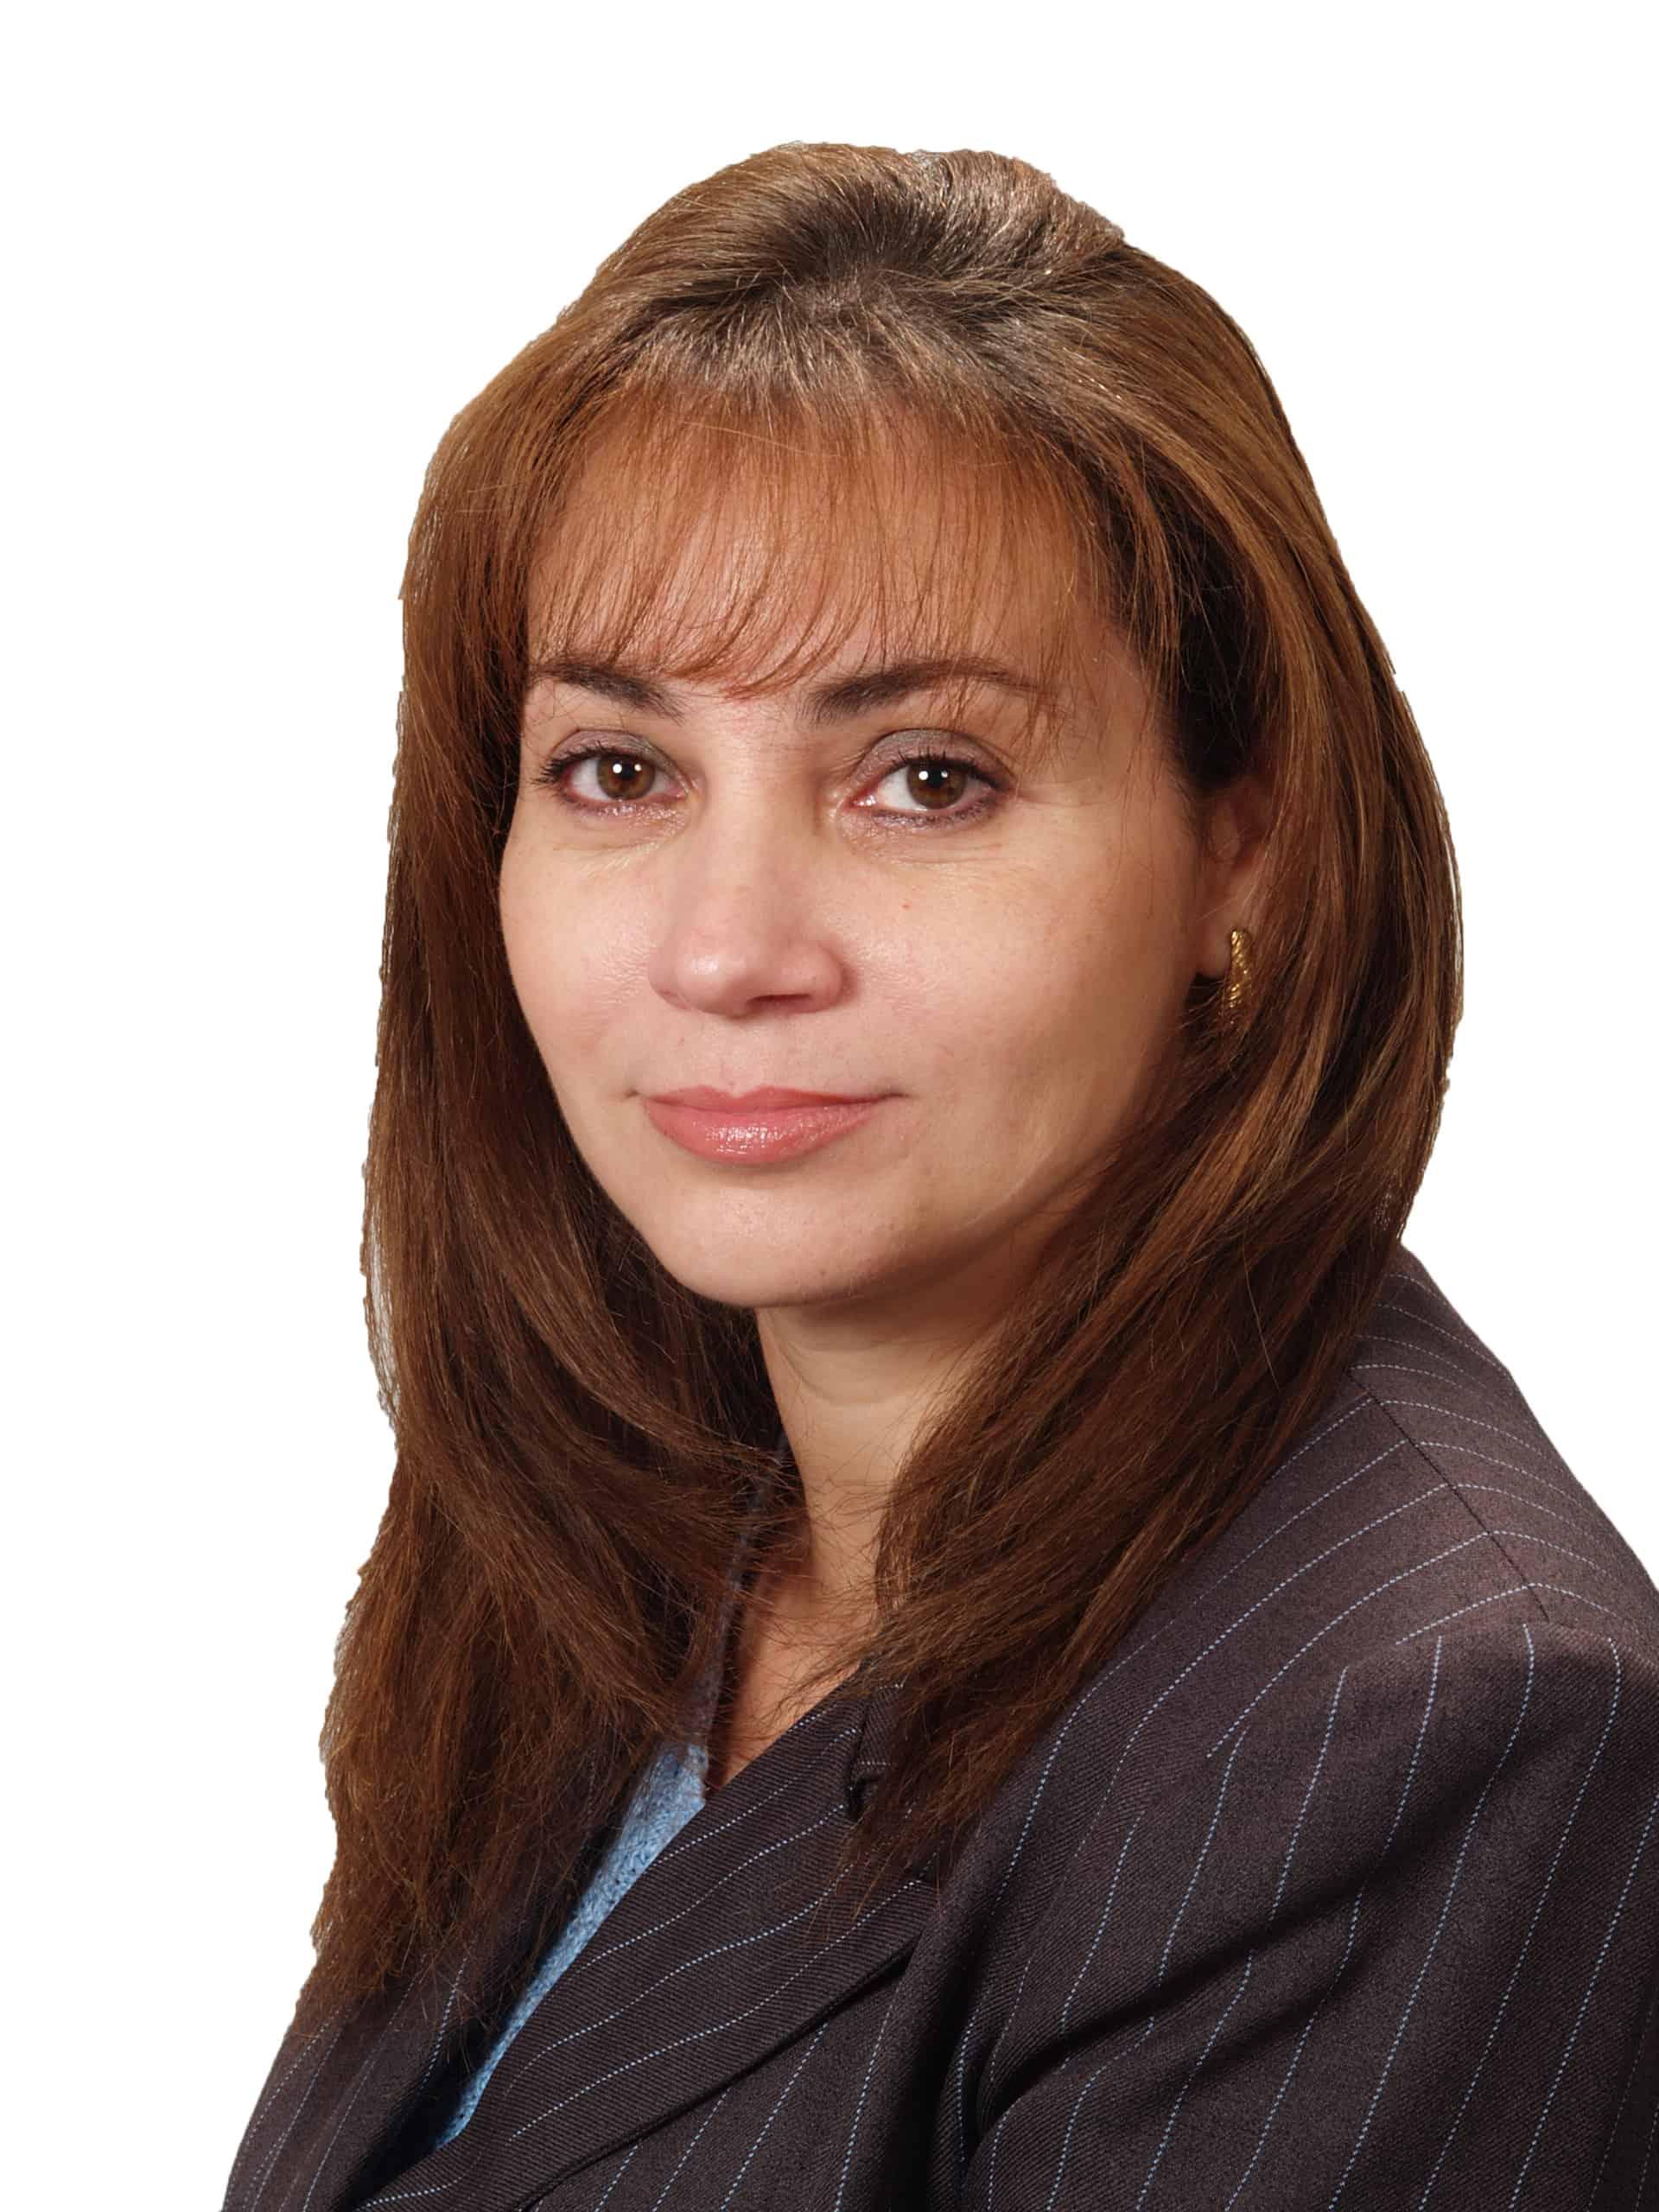 Blanca DeJesus